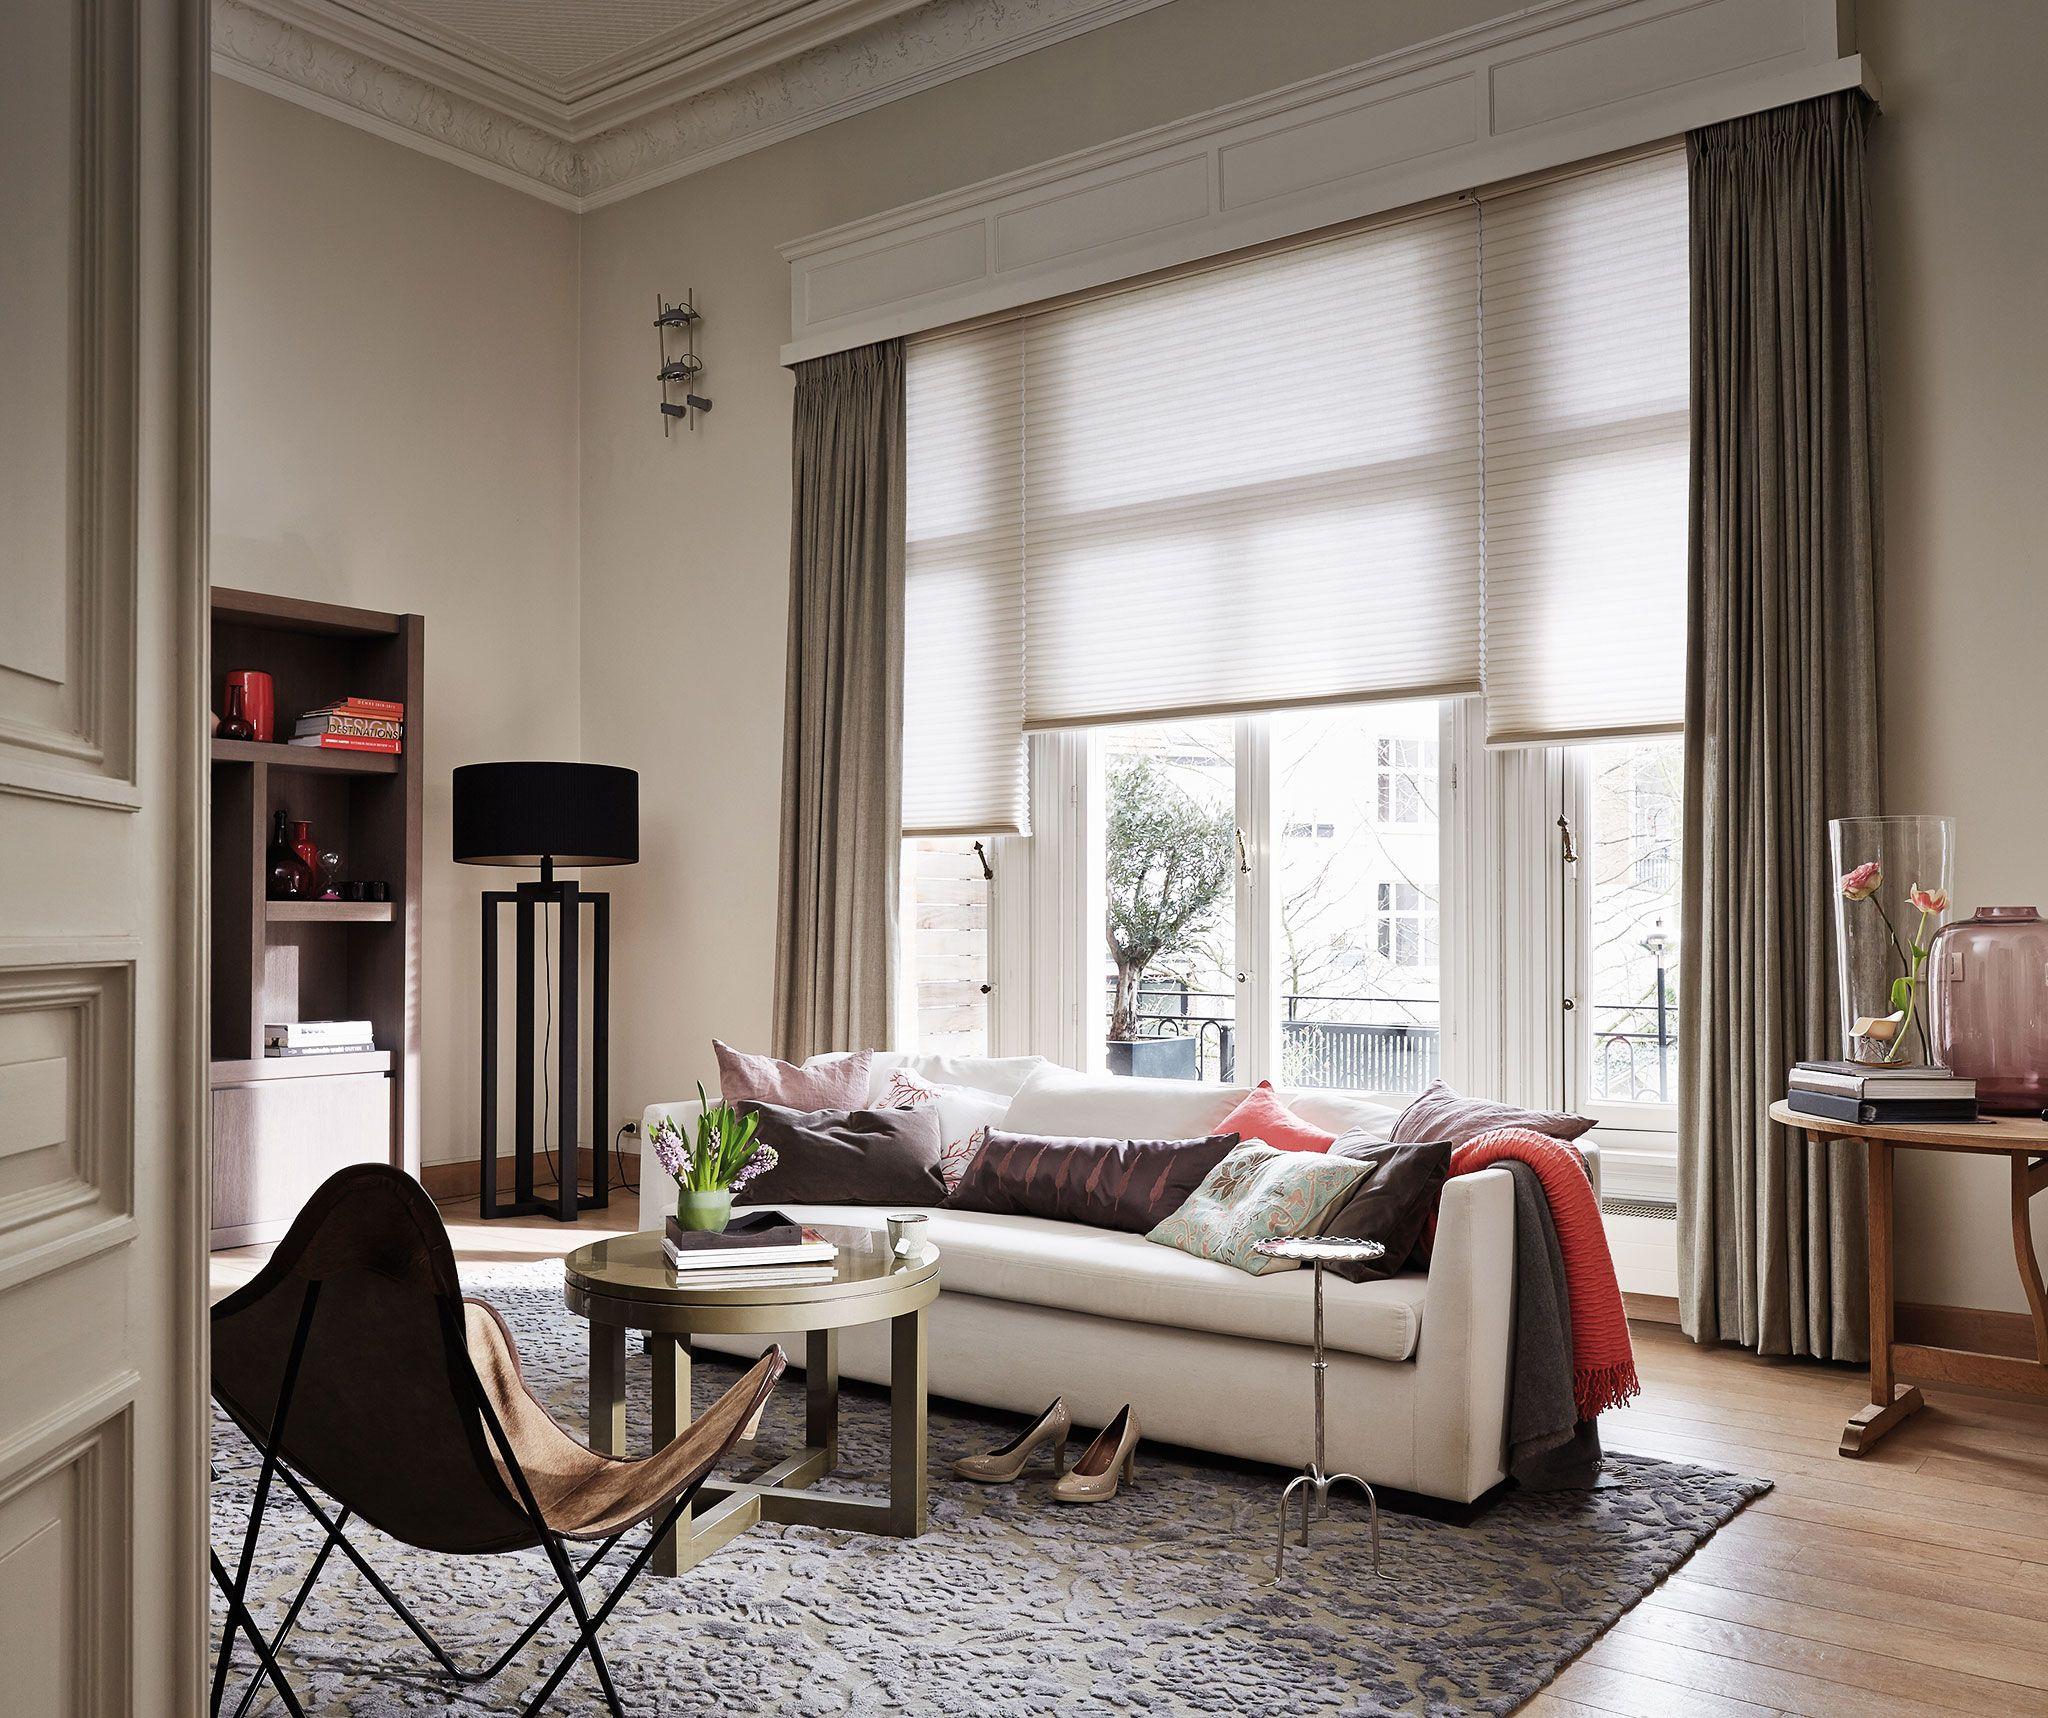 Wohnzimmer Jalousien Plissee Fenster Dekoration Behandlungen Haus Renovierung Jalousie Ihre